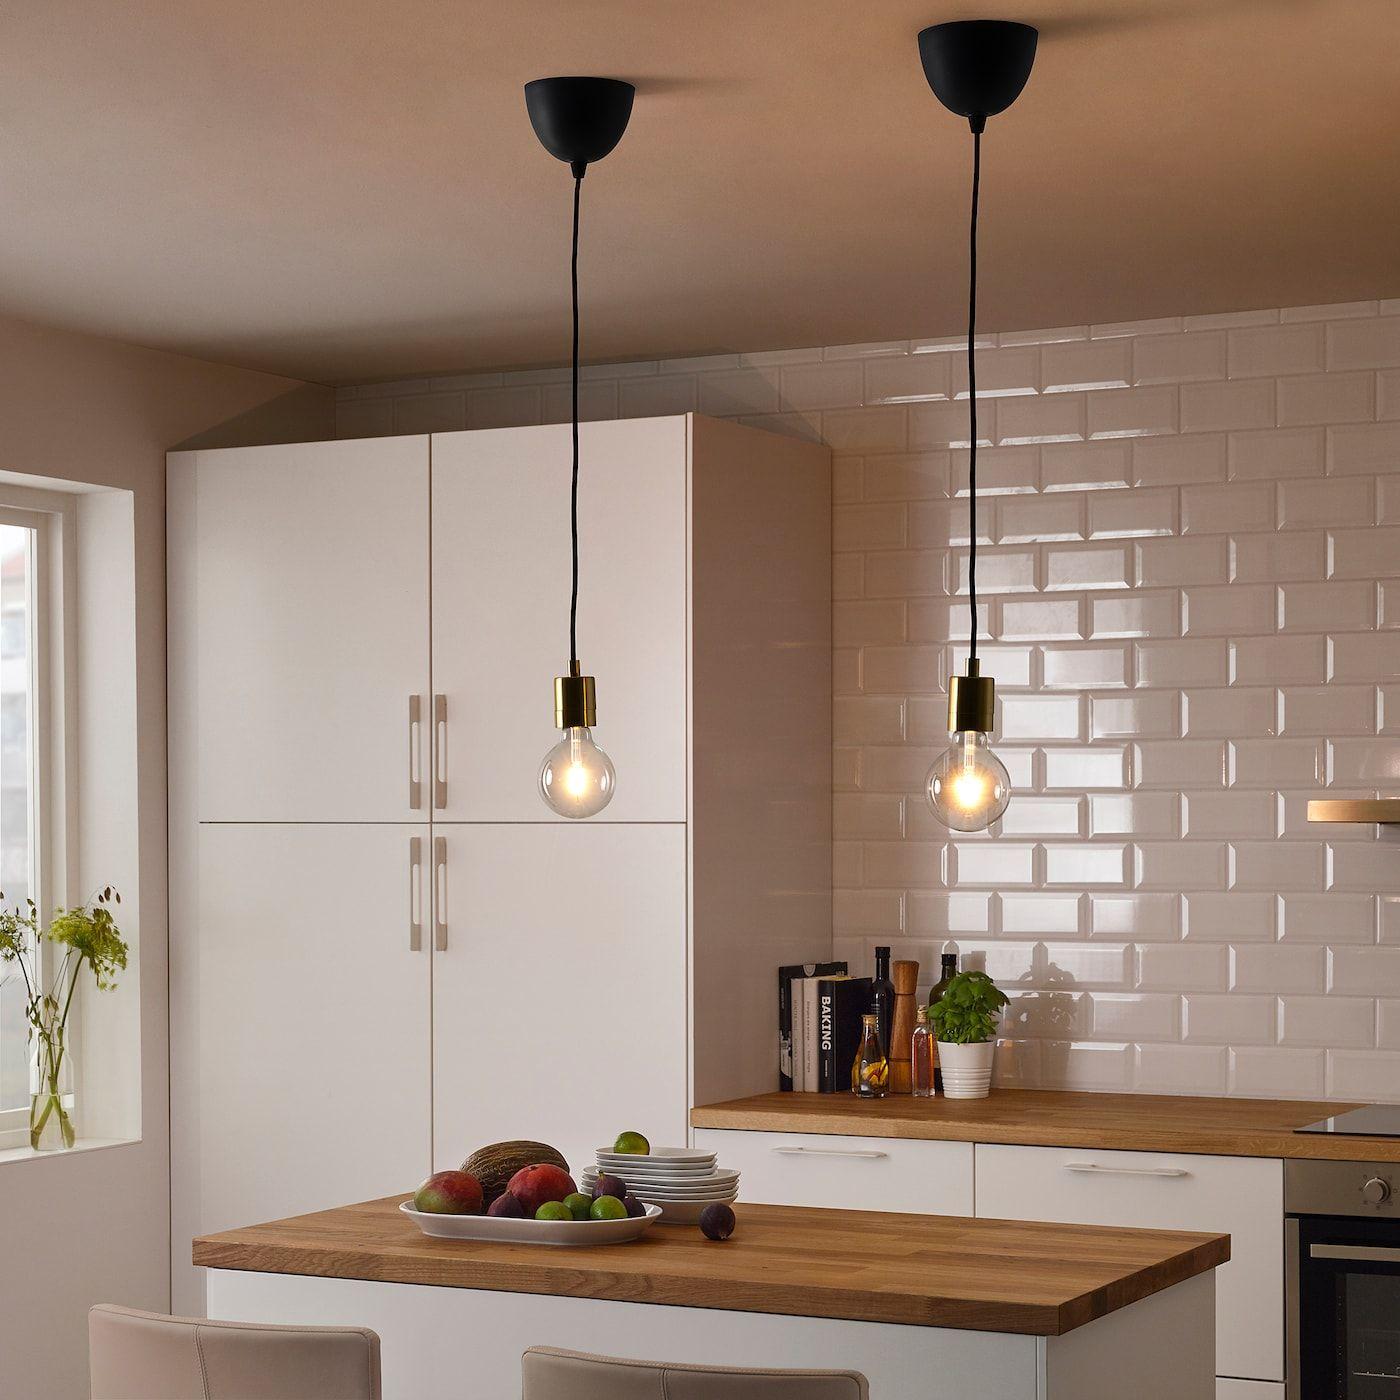 Skaftet Lampenaufhangung Vermessingt Textil Vermessingt Ikea Osterreich In 2020 Lampen Lampenaufhangung Und Led Leuchtmittel